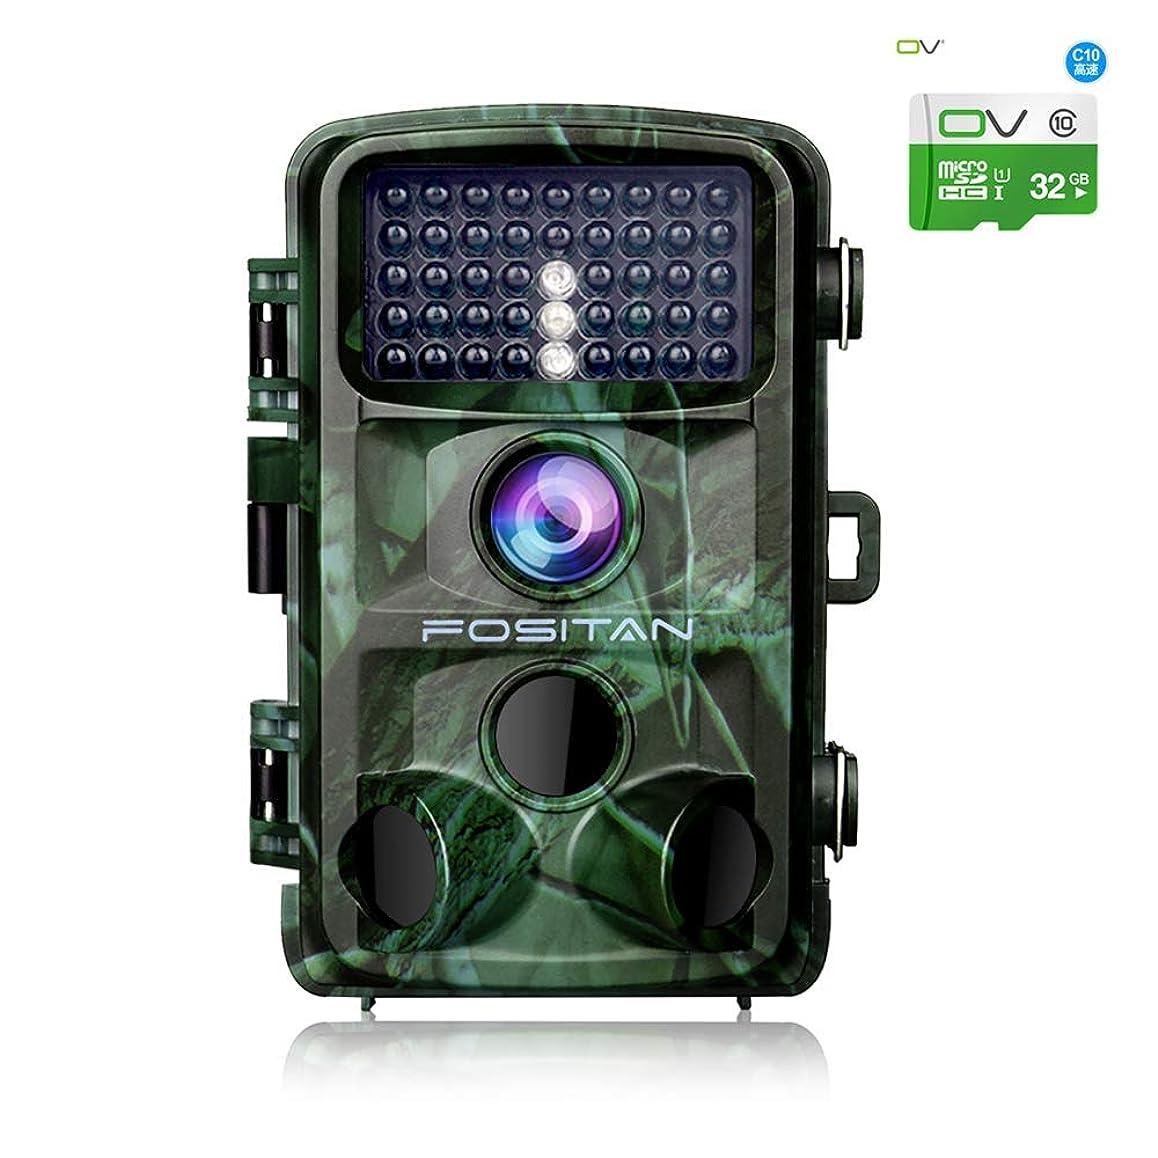 周術期重荷並外れたFOSITAN HC-2トレイルカメラ 狩猟モニターカメラ 監視カメラ 1400万画素?1080PフルHD 0.2sトリガー時間 パスワード保護機能 42個赤外線LEDライト搭載 IP66防水防塵? 120°検知範囲 人体感知?電池式カメラ 32GSDカード付き 【日本語説明書付き·メーカー保証】